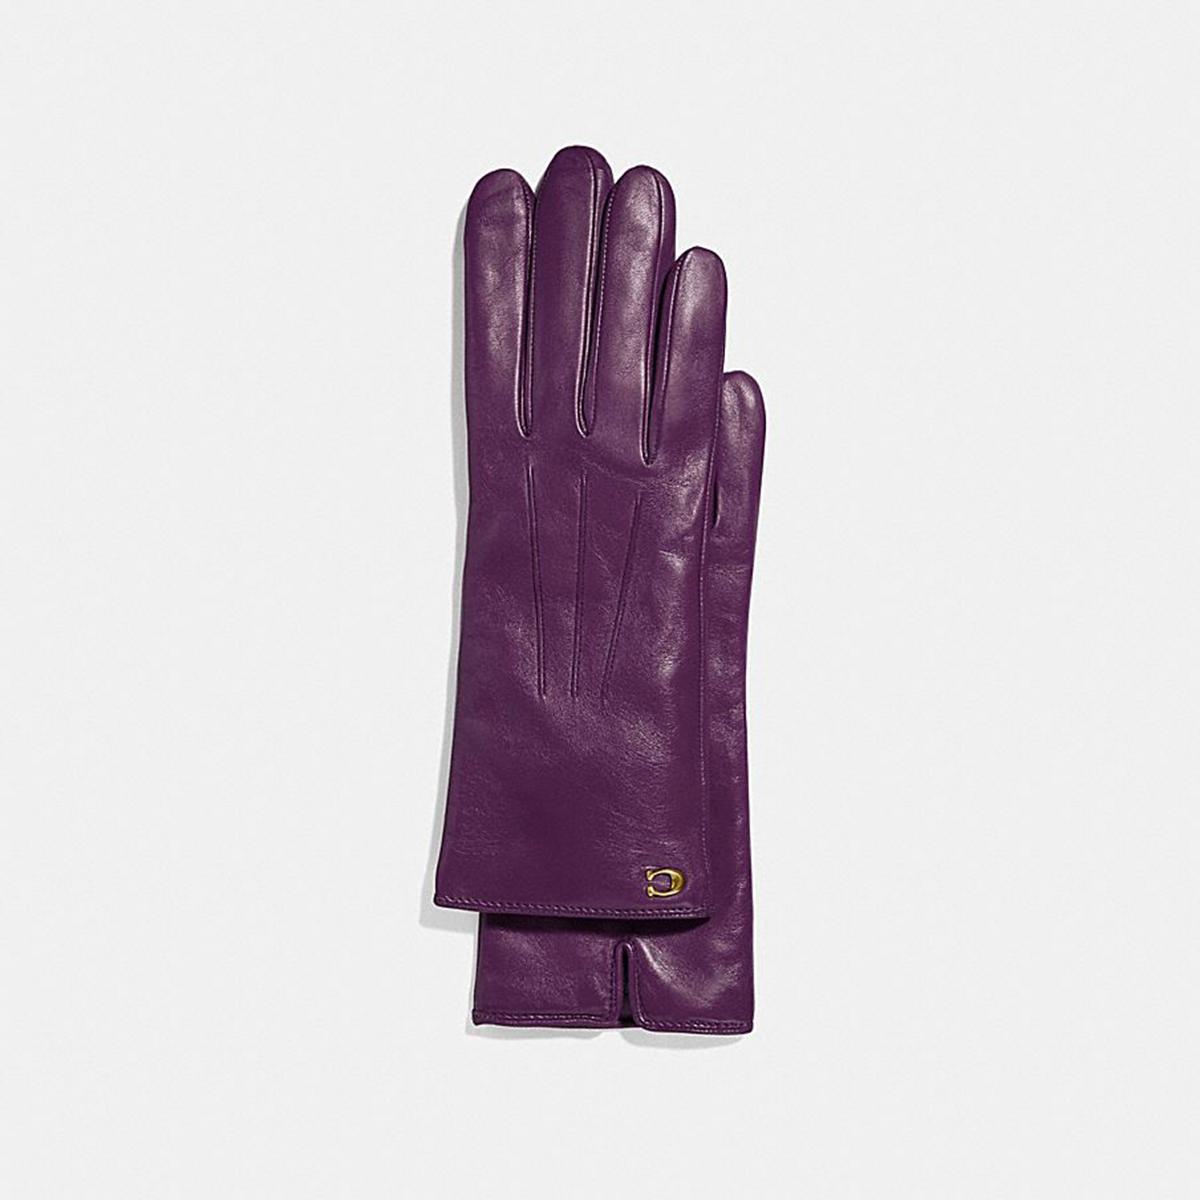 tech-glove